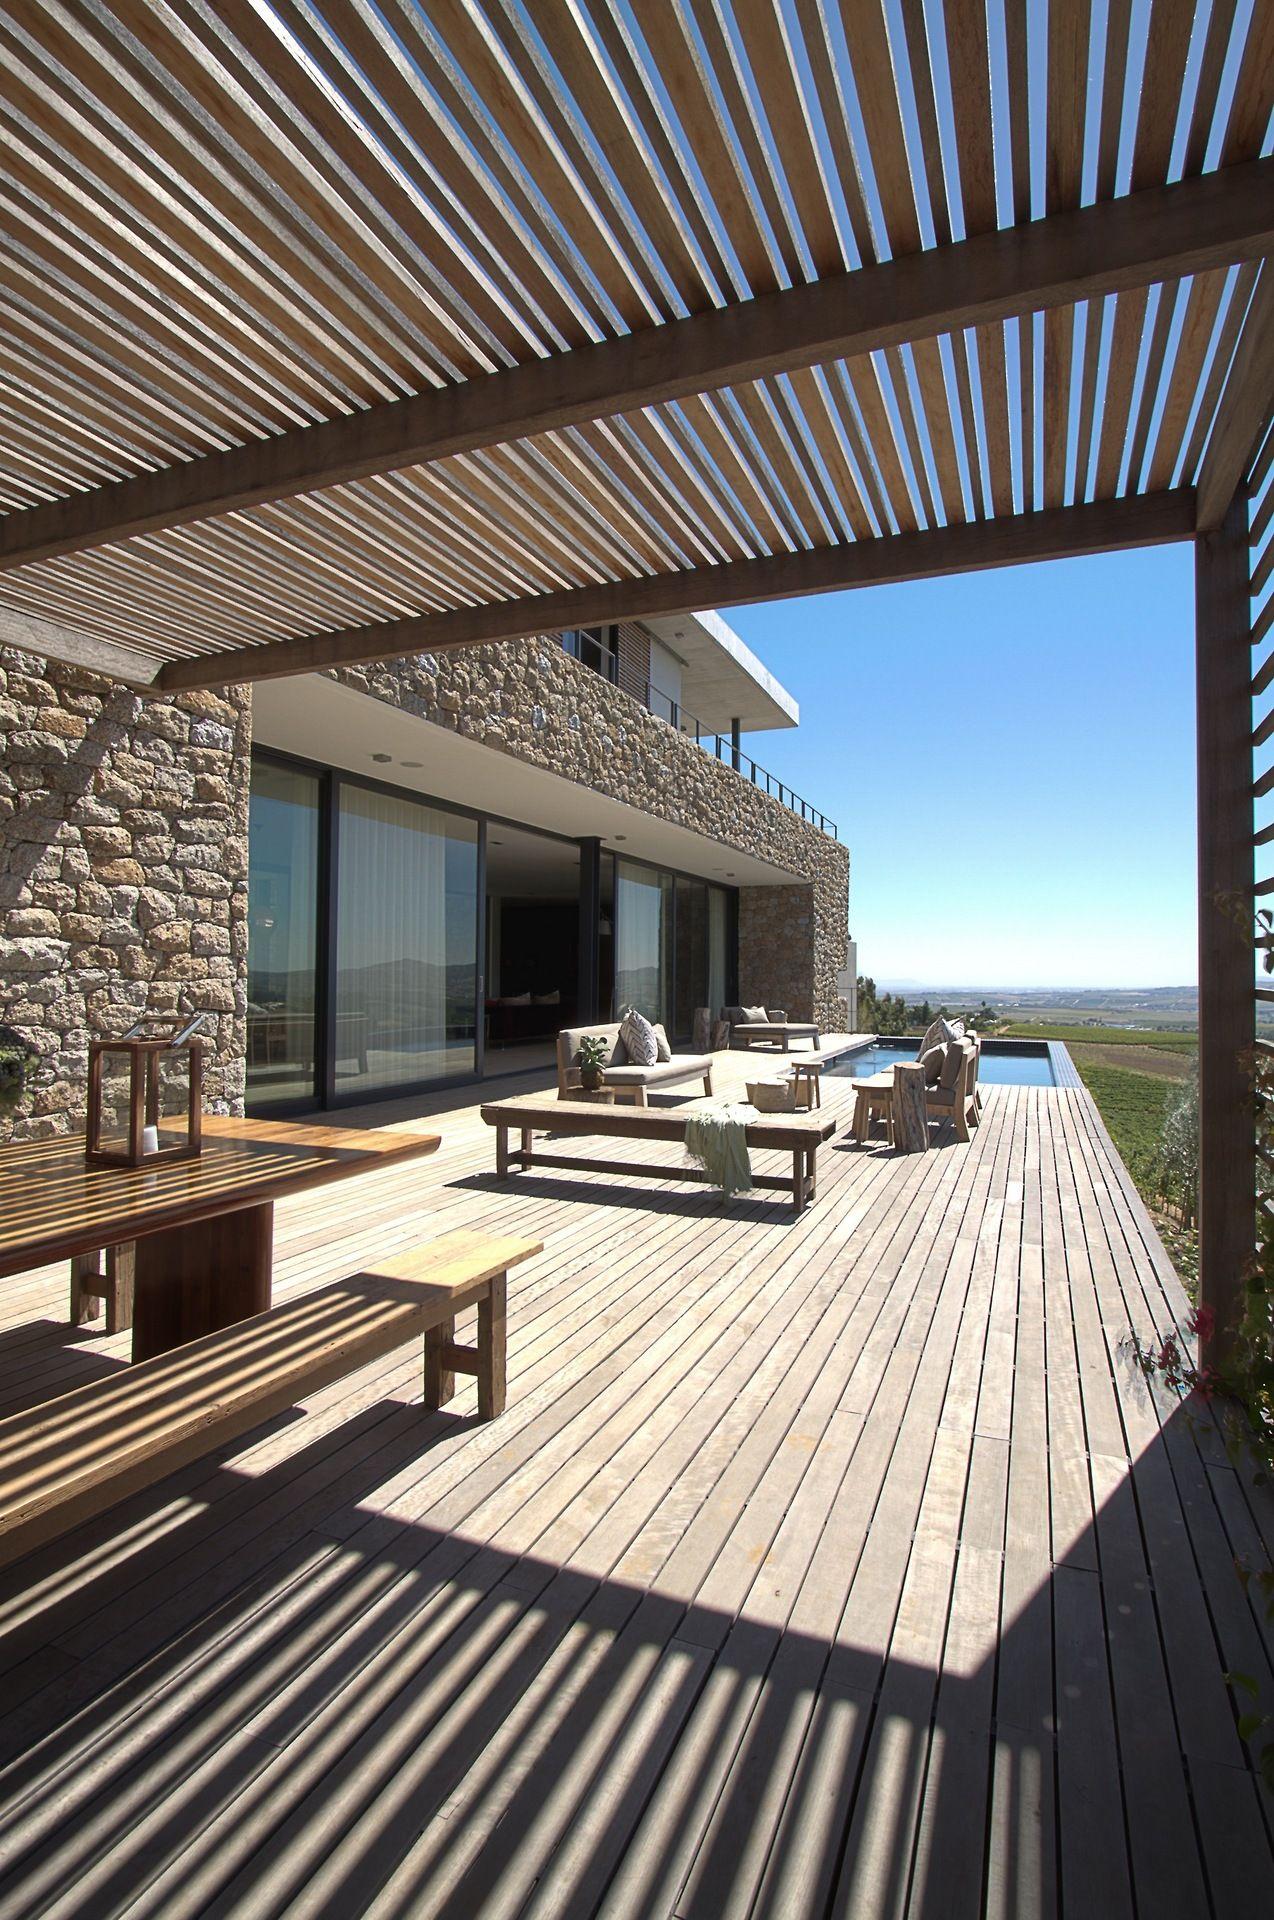 House window sunshade design  ambiance terrasse bois plancher bois et pare soleil pour luombre et